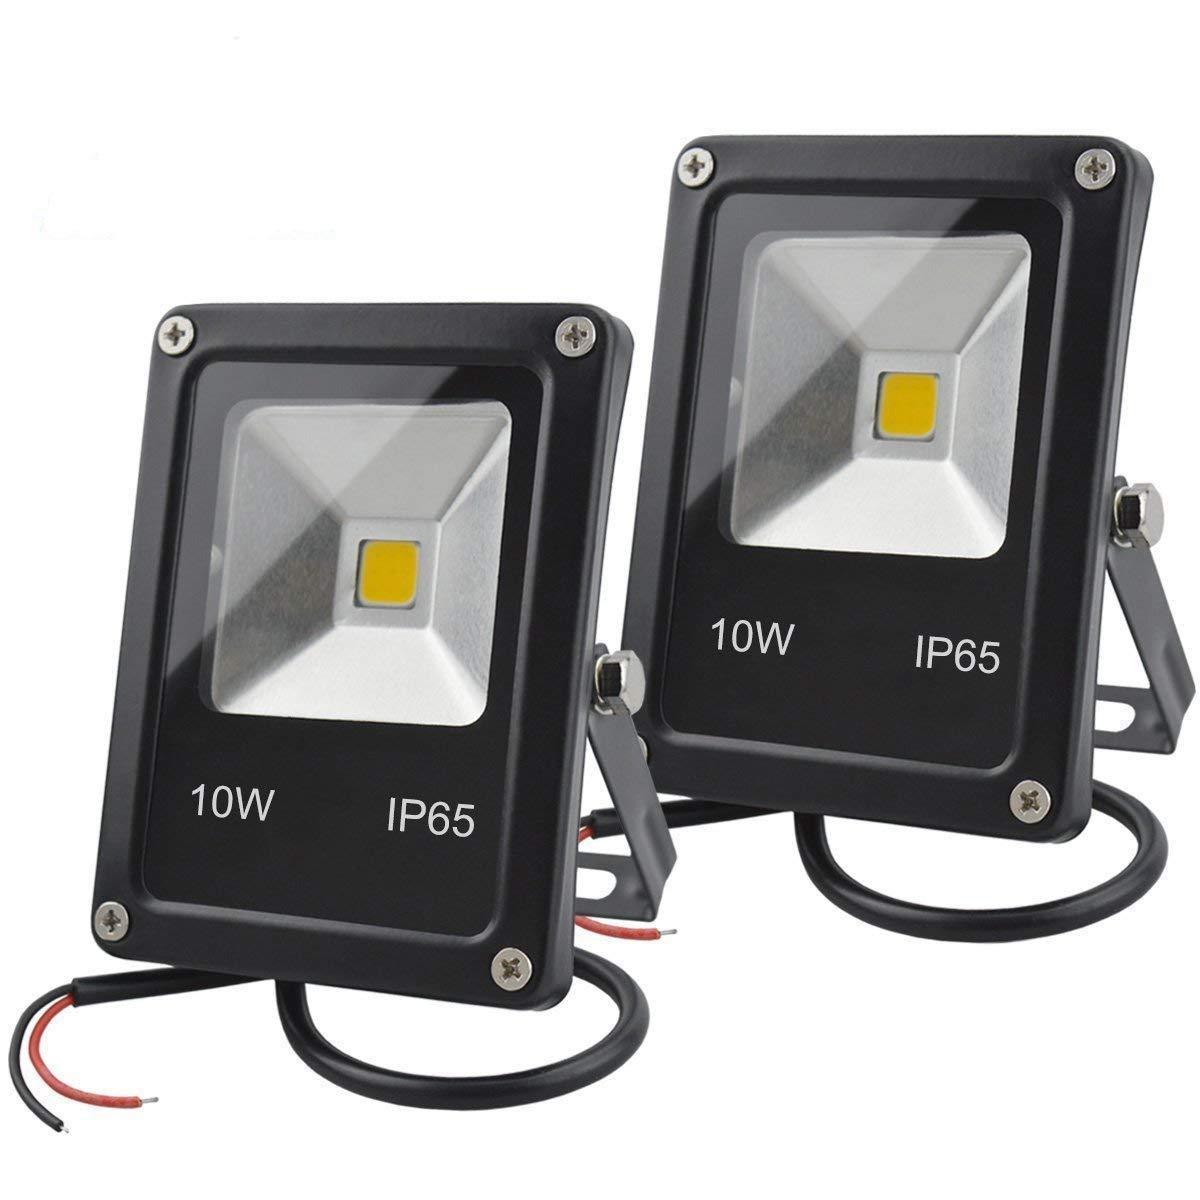 GLW 12V AC ou DC LED Lumière d'inondation, 10W Mini IP65 extérieure imperméable à l'eau de travail, 900lm, 3000K, Lumière de sécurité blanc chaud, 80W Ampoule halogène équivalente, 2 Pack NO Pl